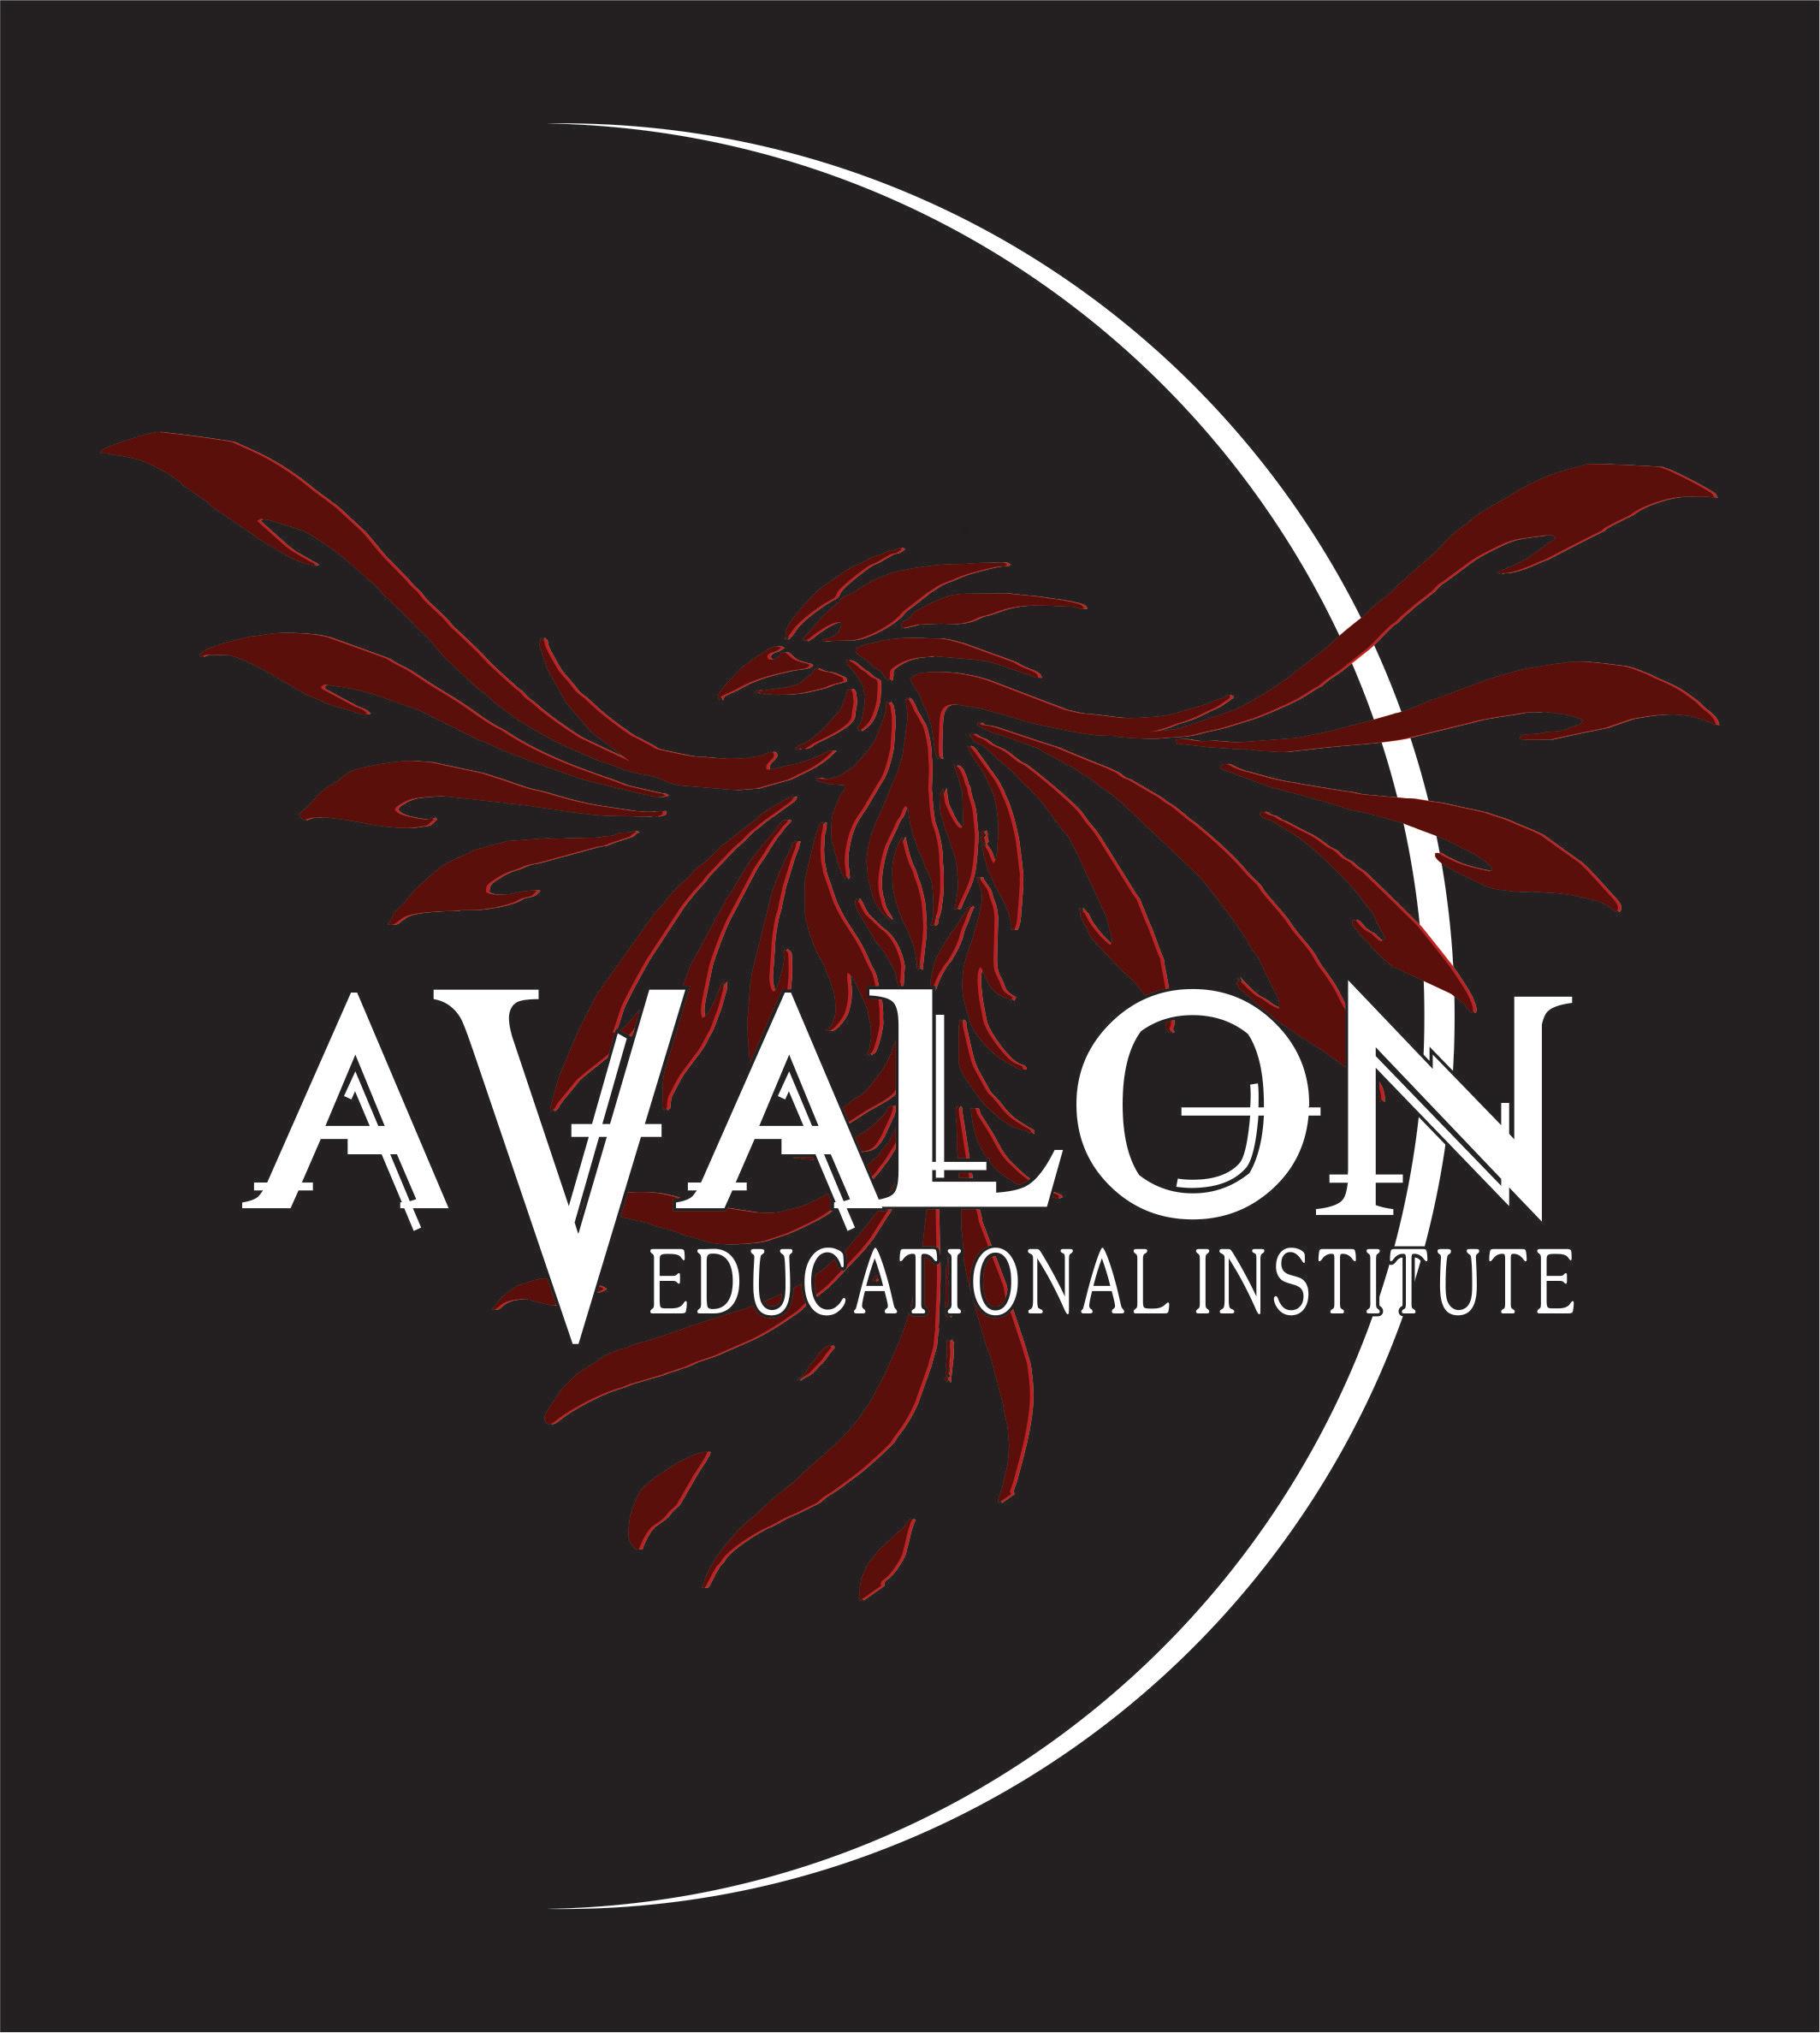 Avalon Educational Institute